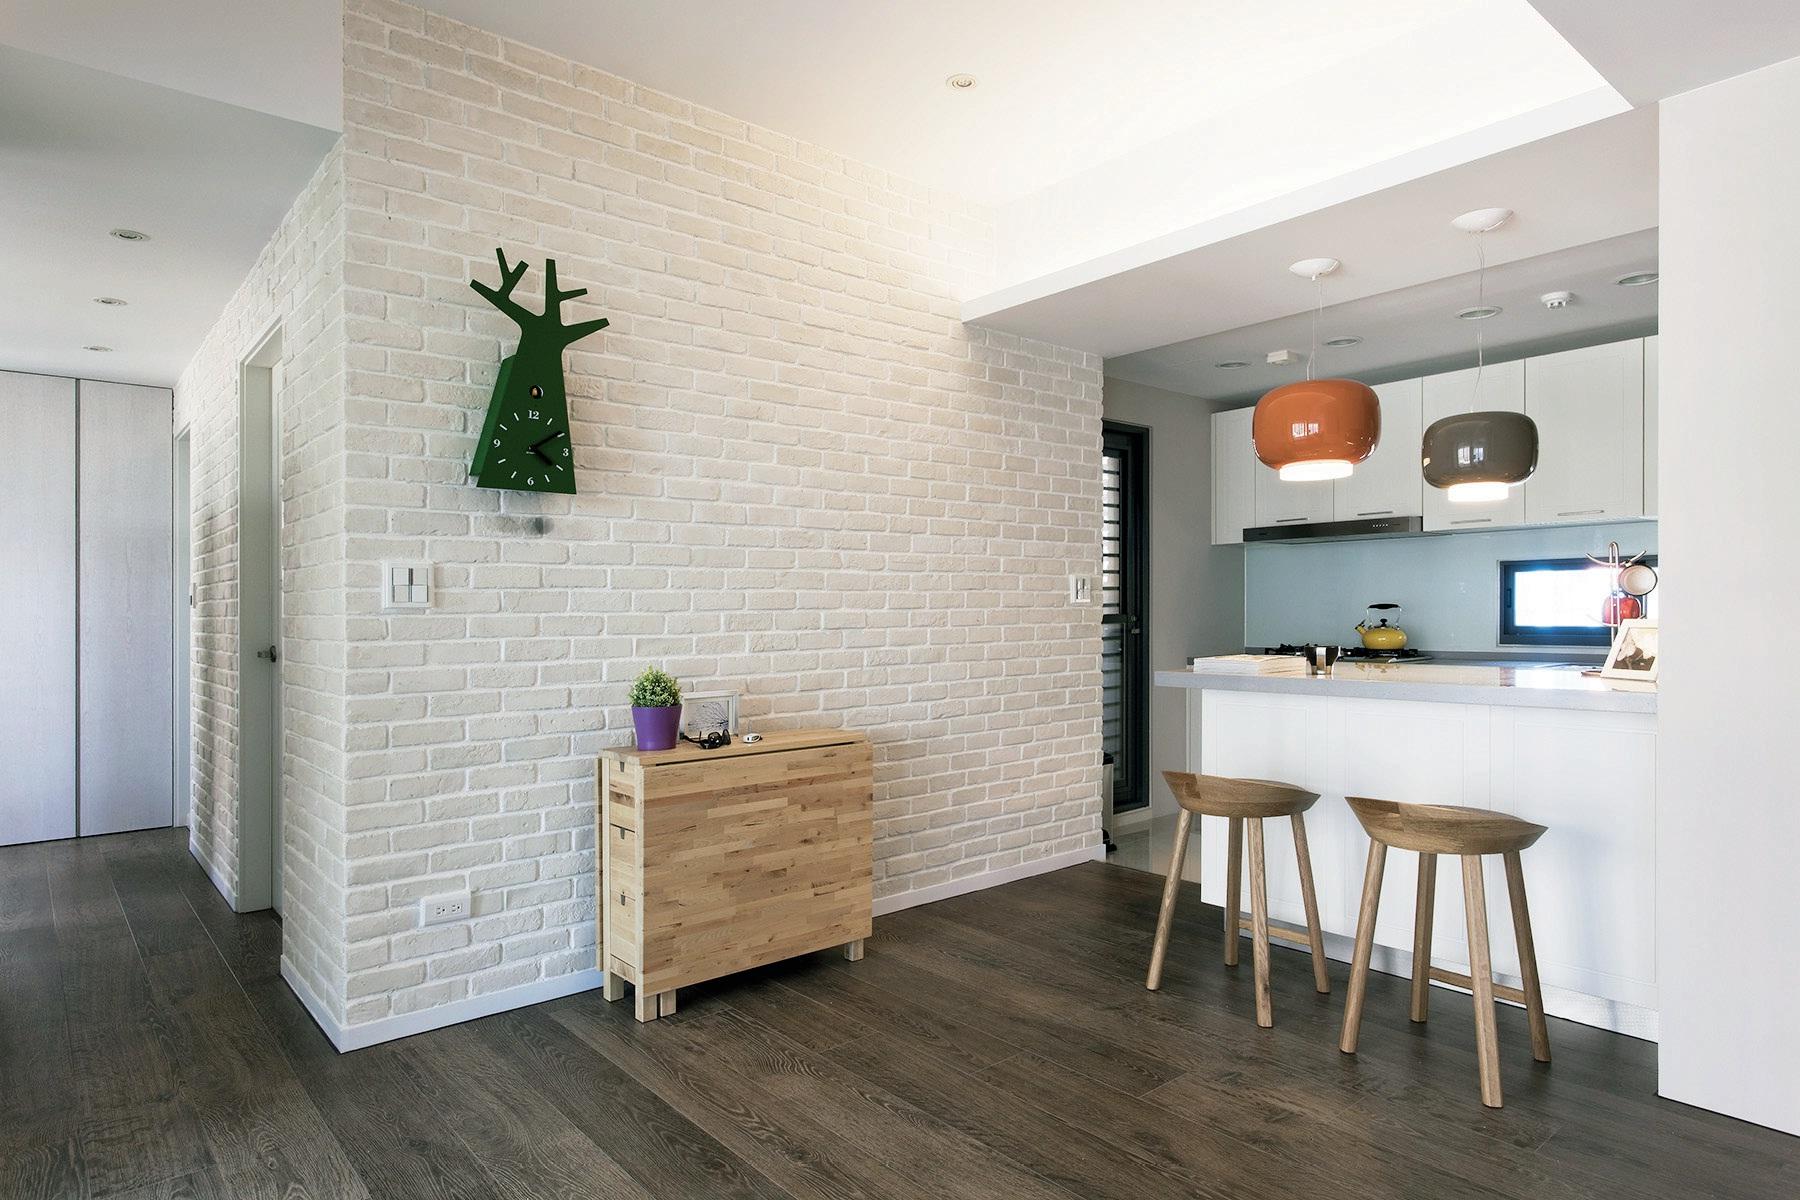 图片提供_明楼室内装修设计室内设计的多样性图片